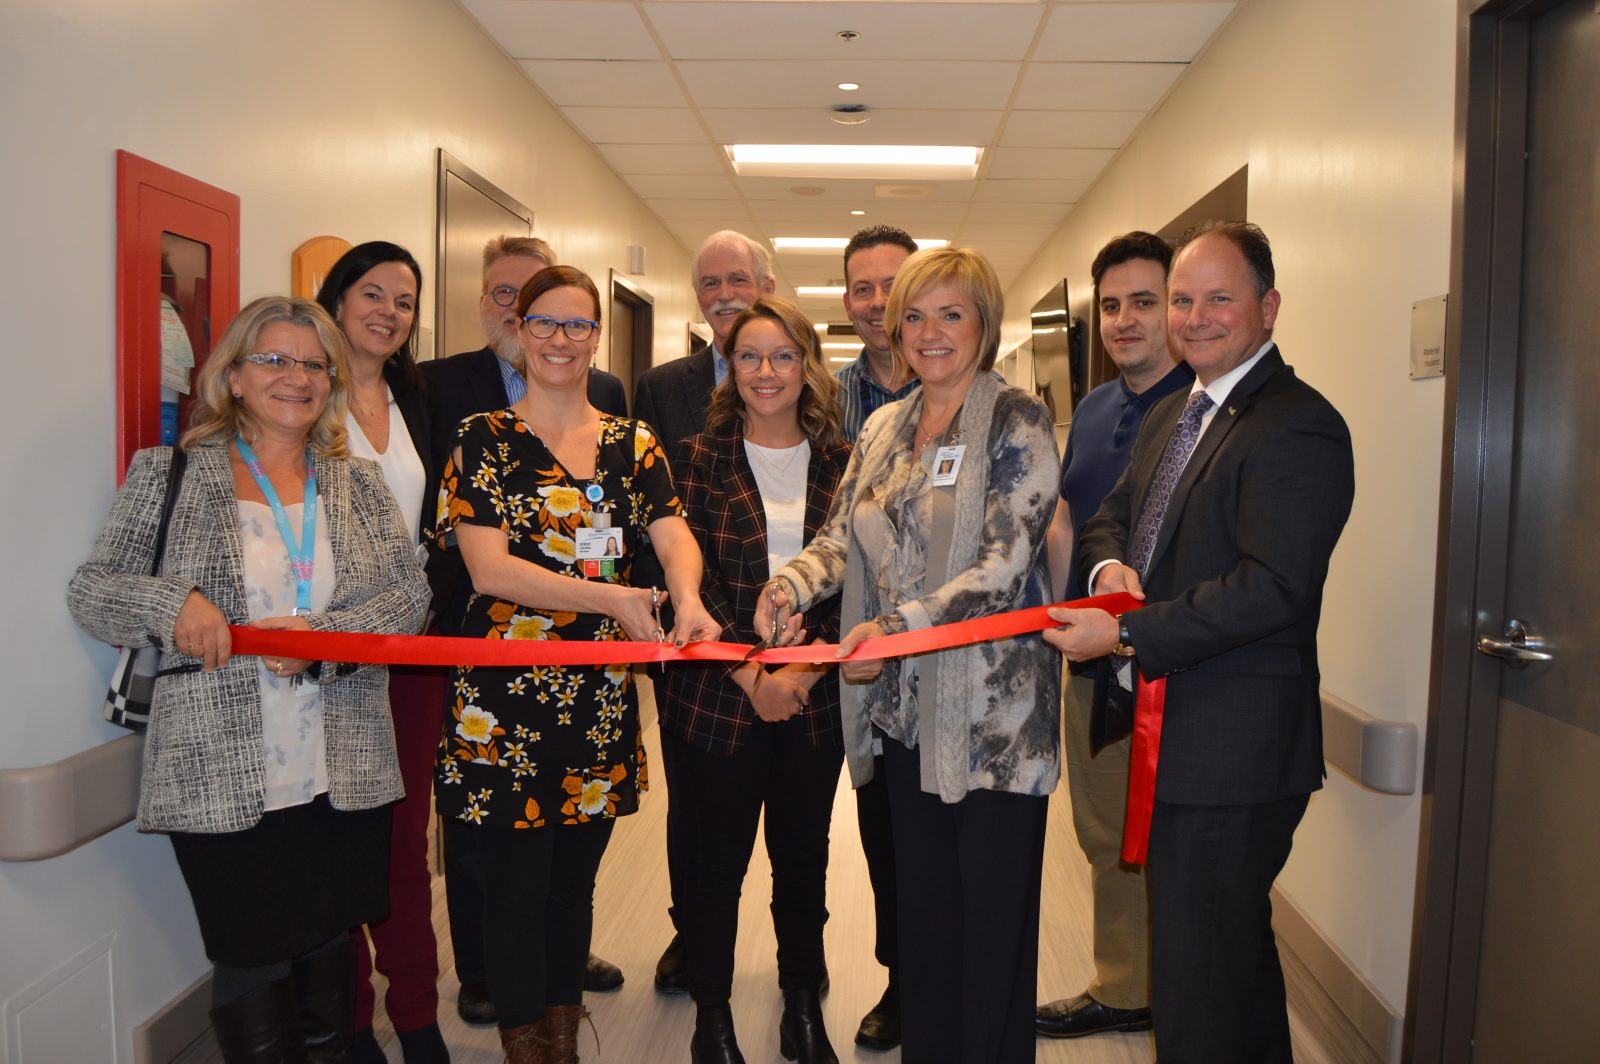 Le Centre d'hébergement du Manoir-Trinité inaugure sa nouvelle unité de soins palliatifs